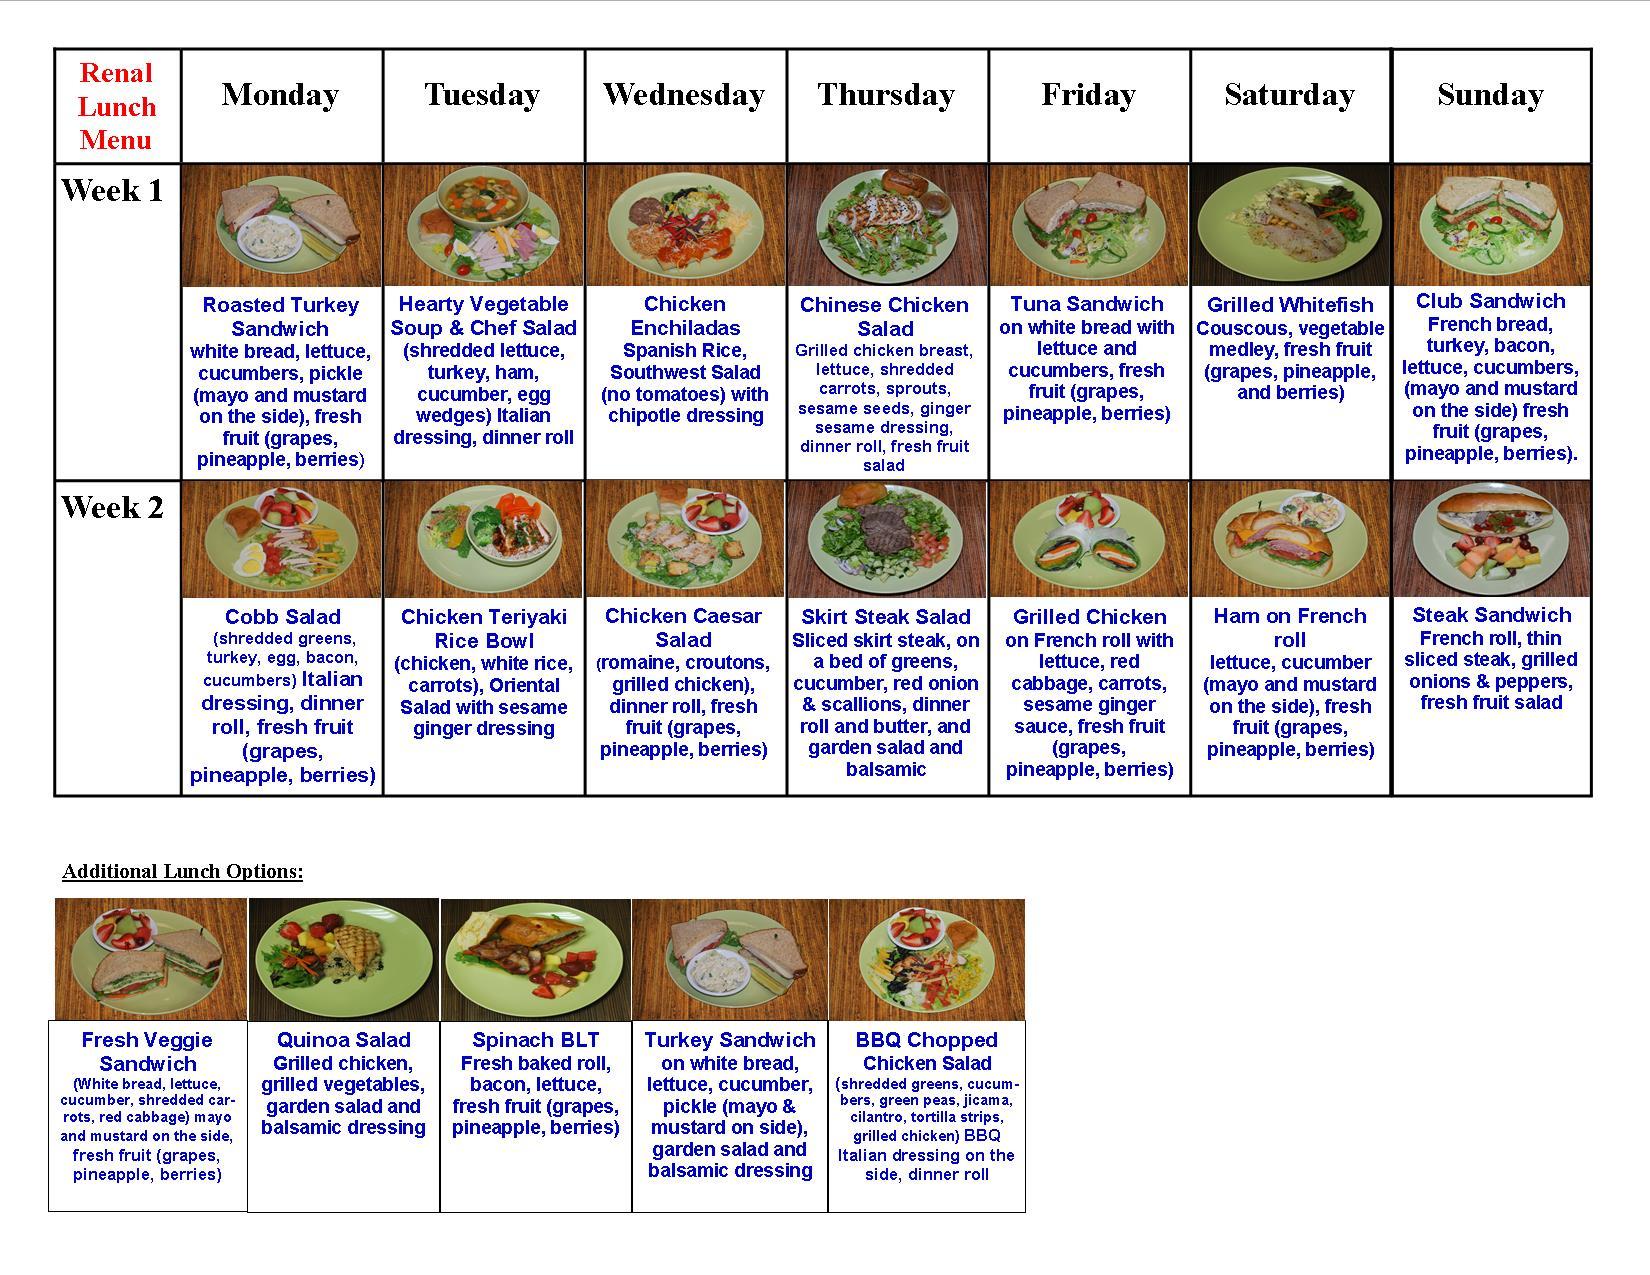 Diet Menu: Renal Diet Menu